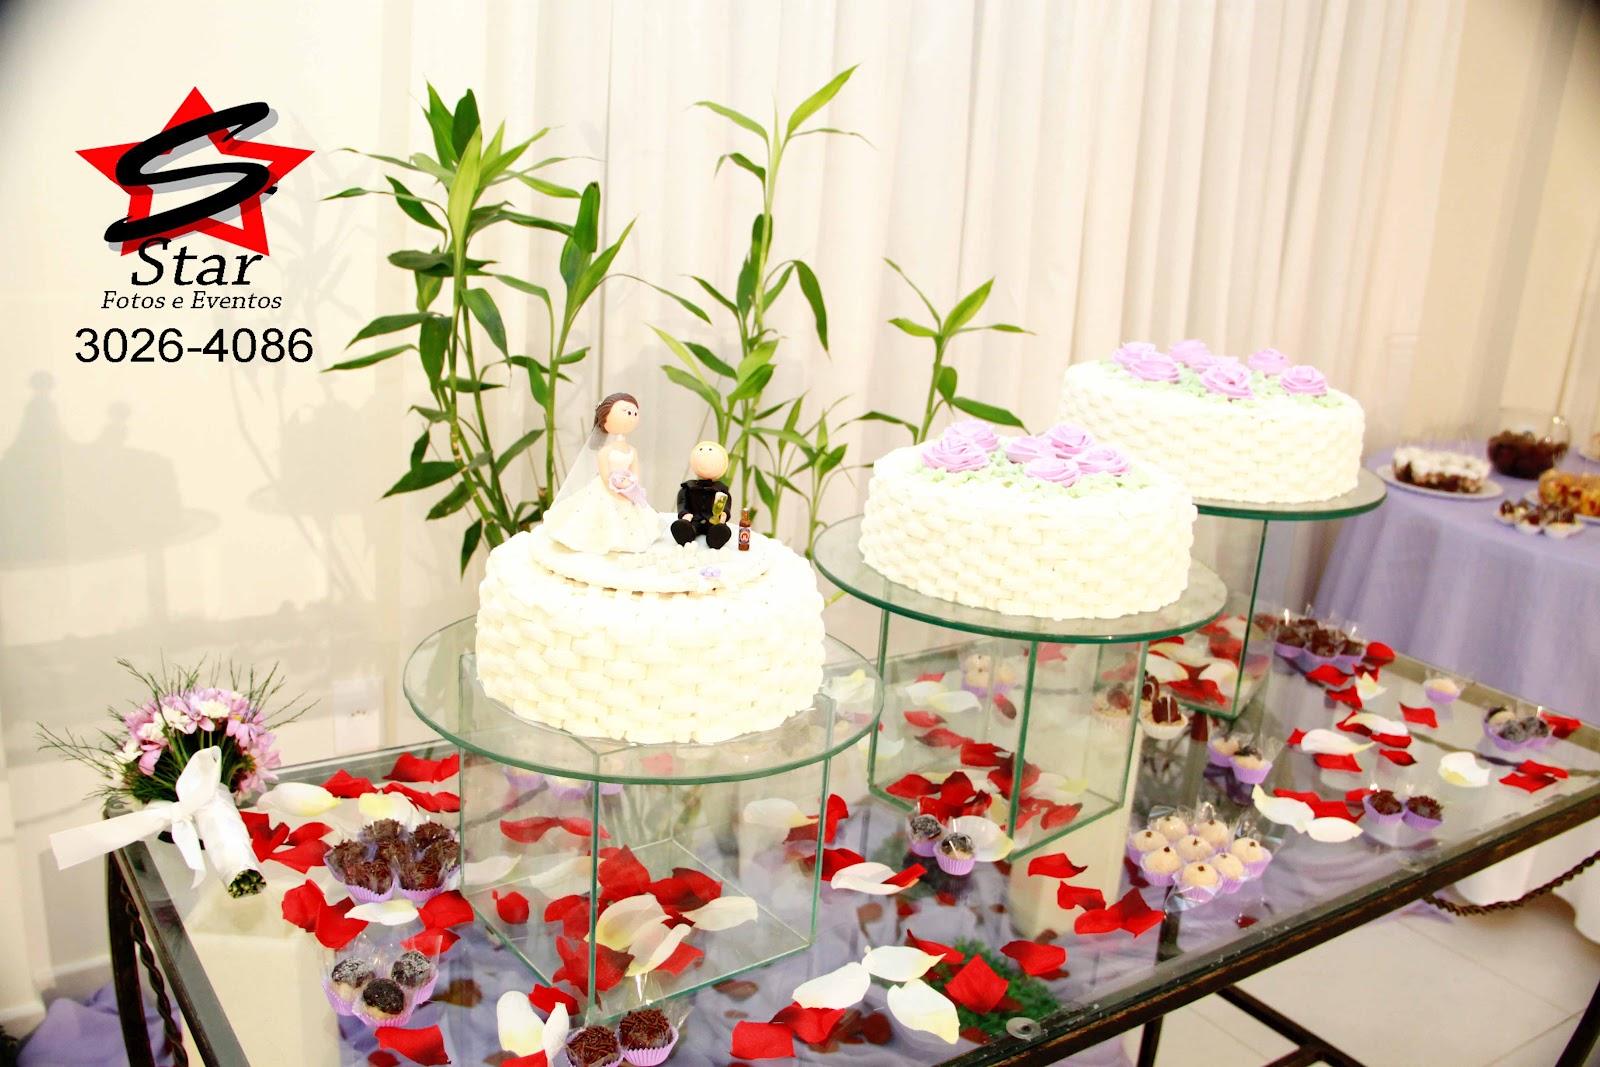 #B91612 eventos em joinville star fotos fotografo de casamento decoração de  3184 Janelas De Madeira Em Joinville